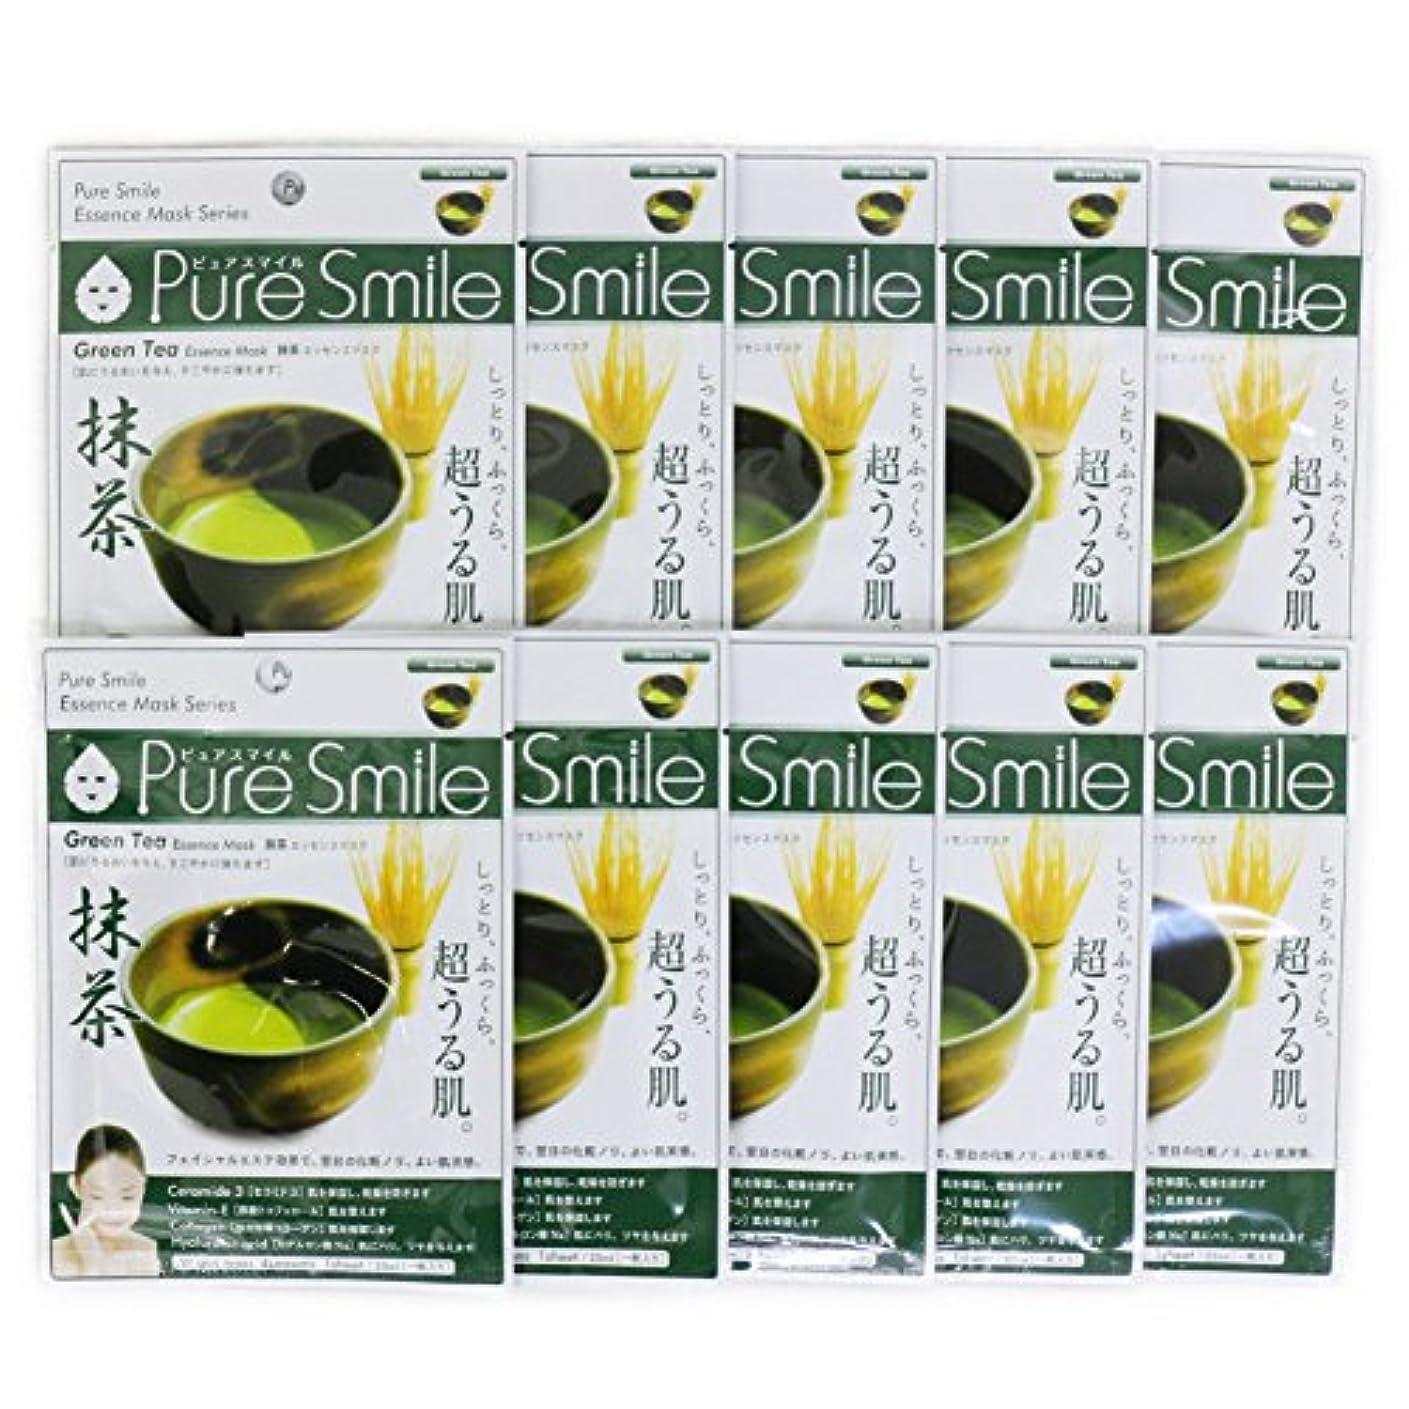 ラフト懐疑論口実Pure Smile ピュアスマイル エッセンスマスク 抹茶 10枚セット